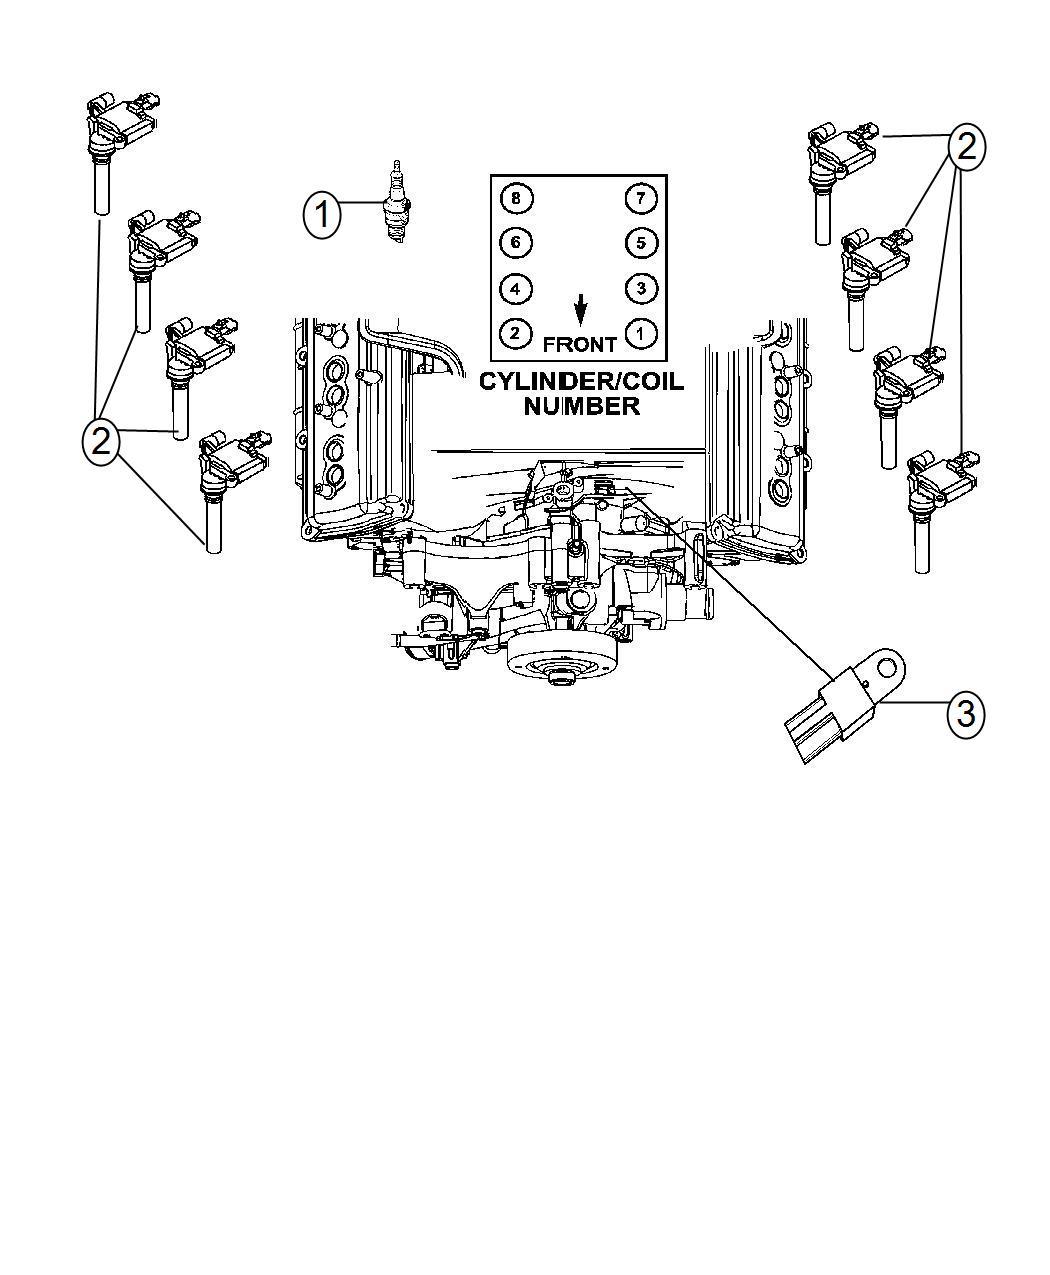 Dodge Charger Spark Plug Left Left Cylinder Head